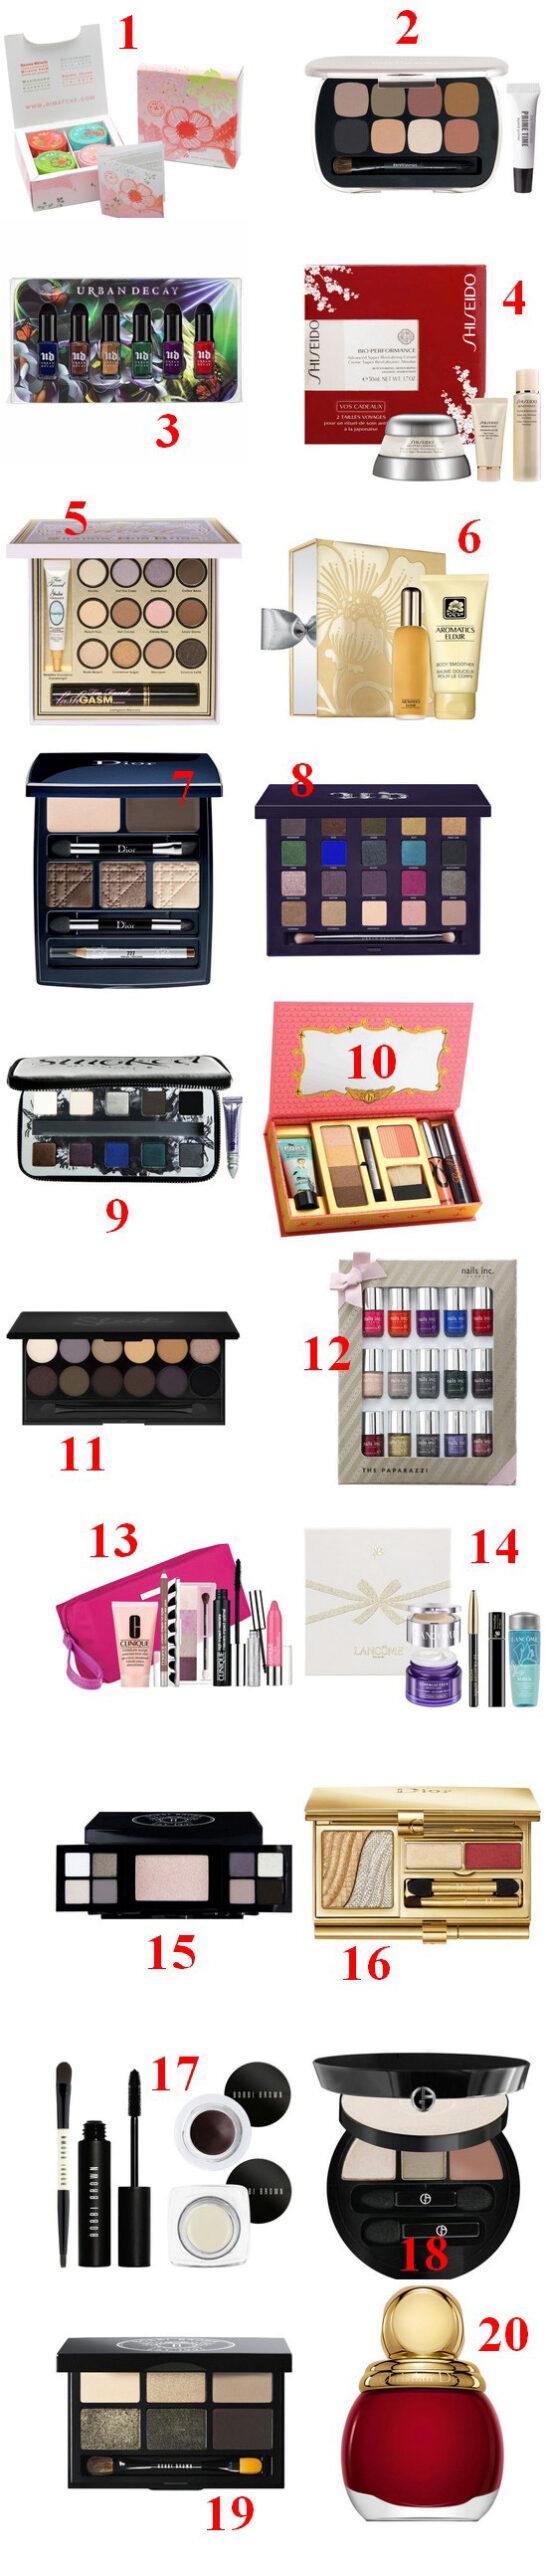 beaute Des idées de cadeaux beauté pour Noël maquillage